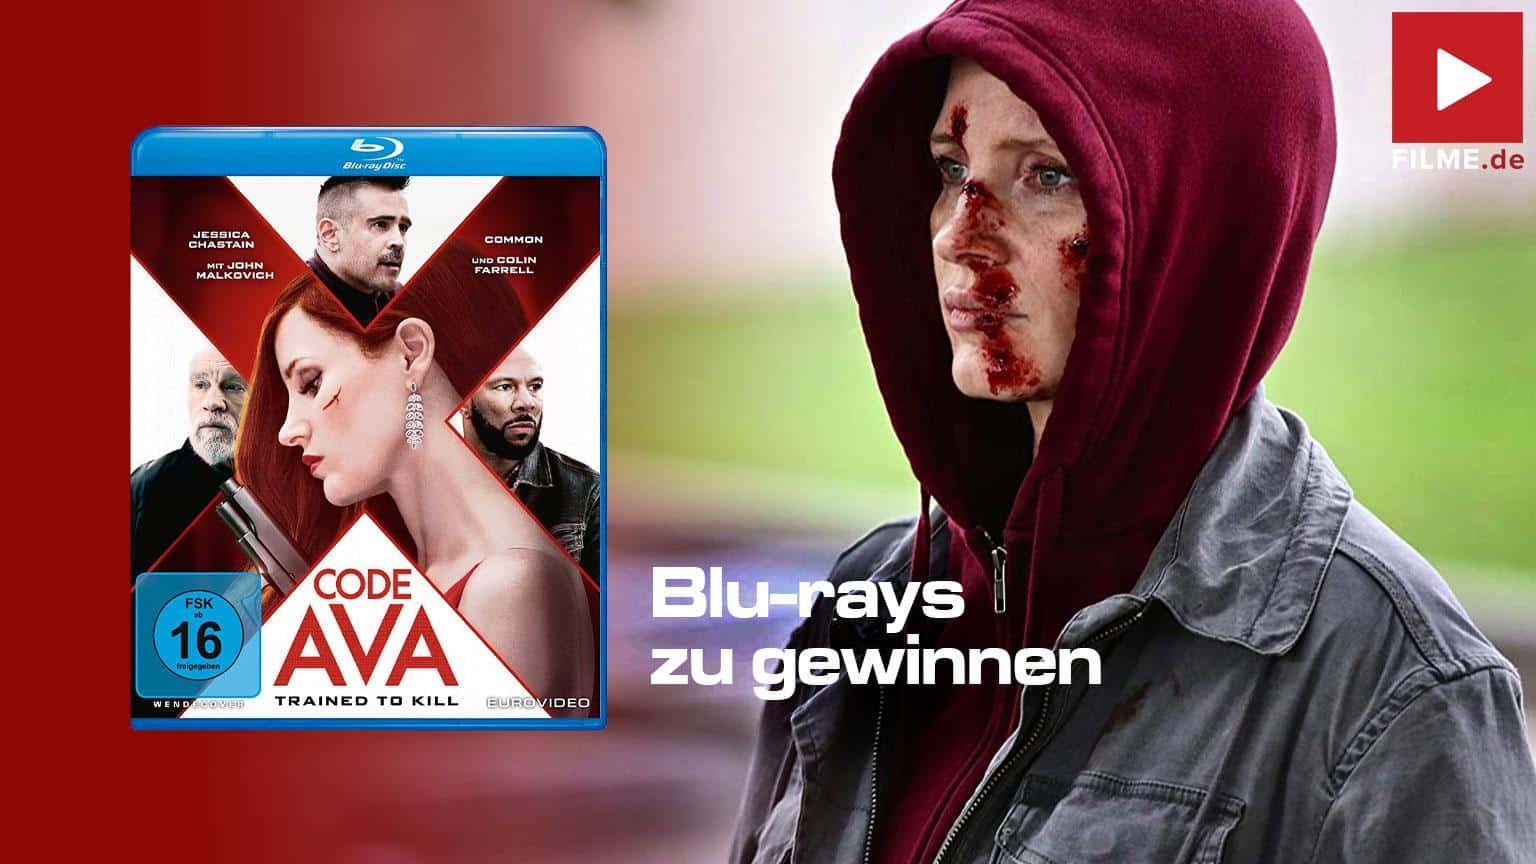 Code AVA Trained to kill Film 2020 Gewinnspiel gewinnen shop kaufen Blu-ray DVD Artikelbild